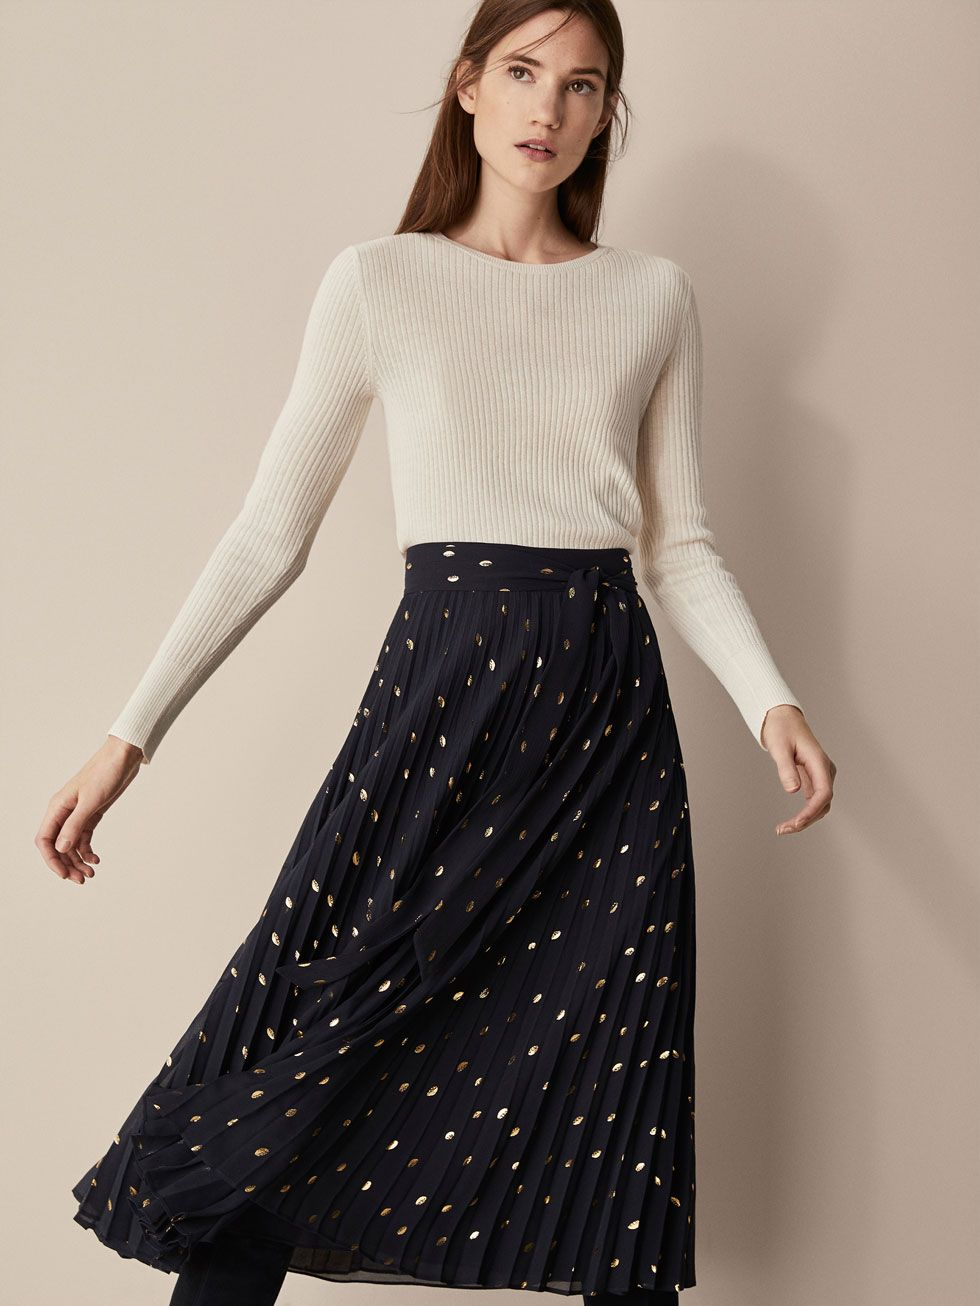 b1e4f42208 Skirts - WOMEN - Massimo Dutti   Fashion Finds   Pleated skirt ...